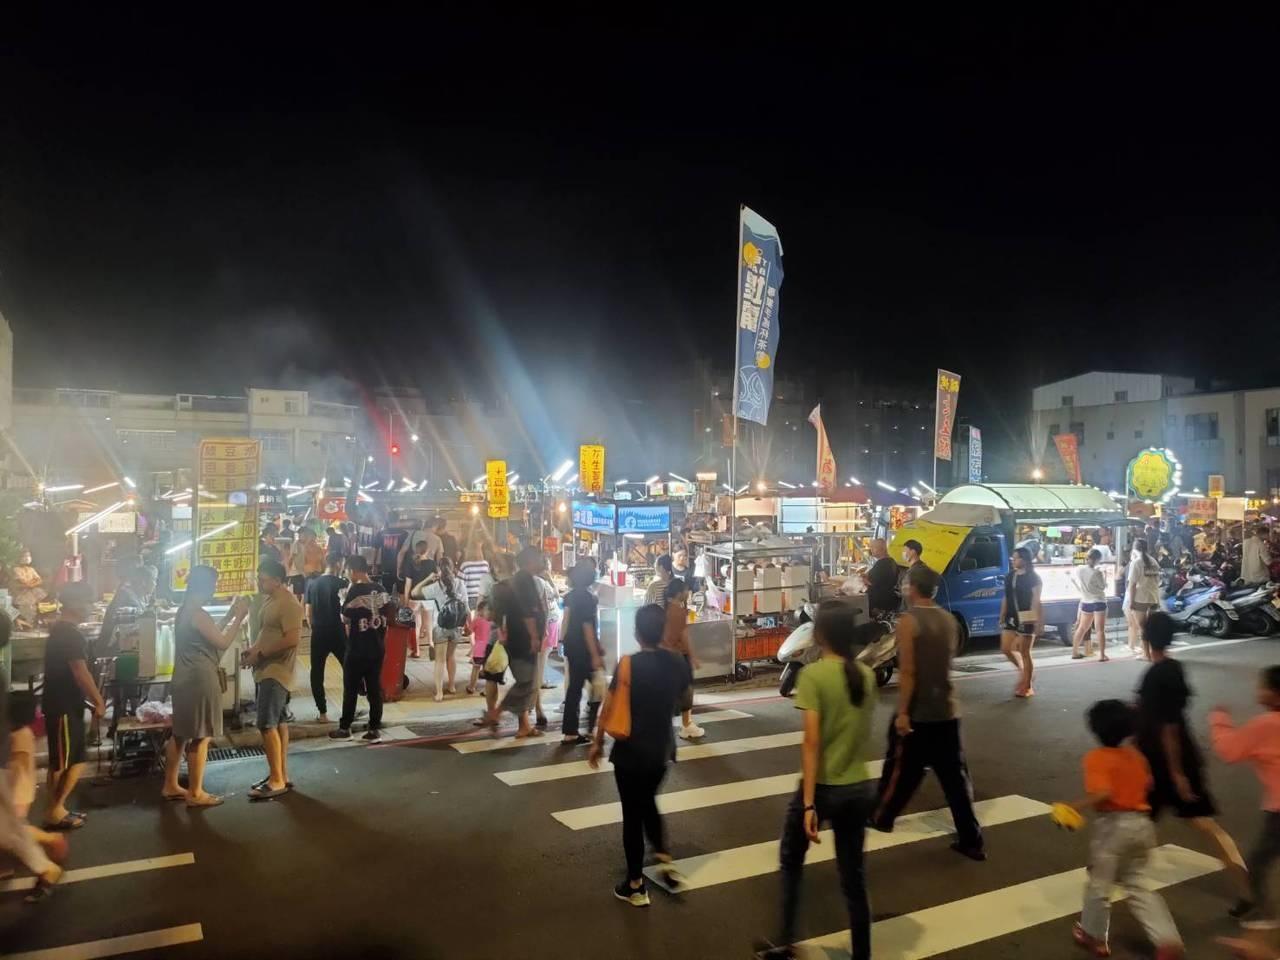 台中市清水區大秀夜市有20多年歷史,前晚是最後一天營業,湧進不少人潮。 記者游振昇/攝影